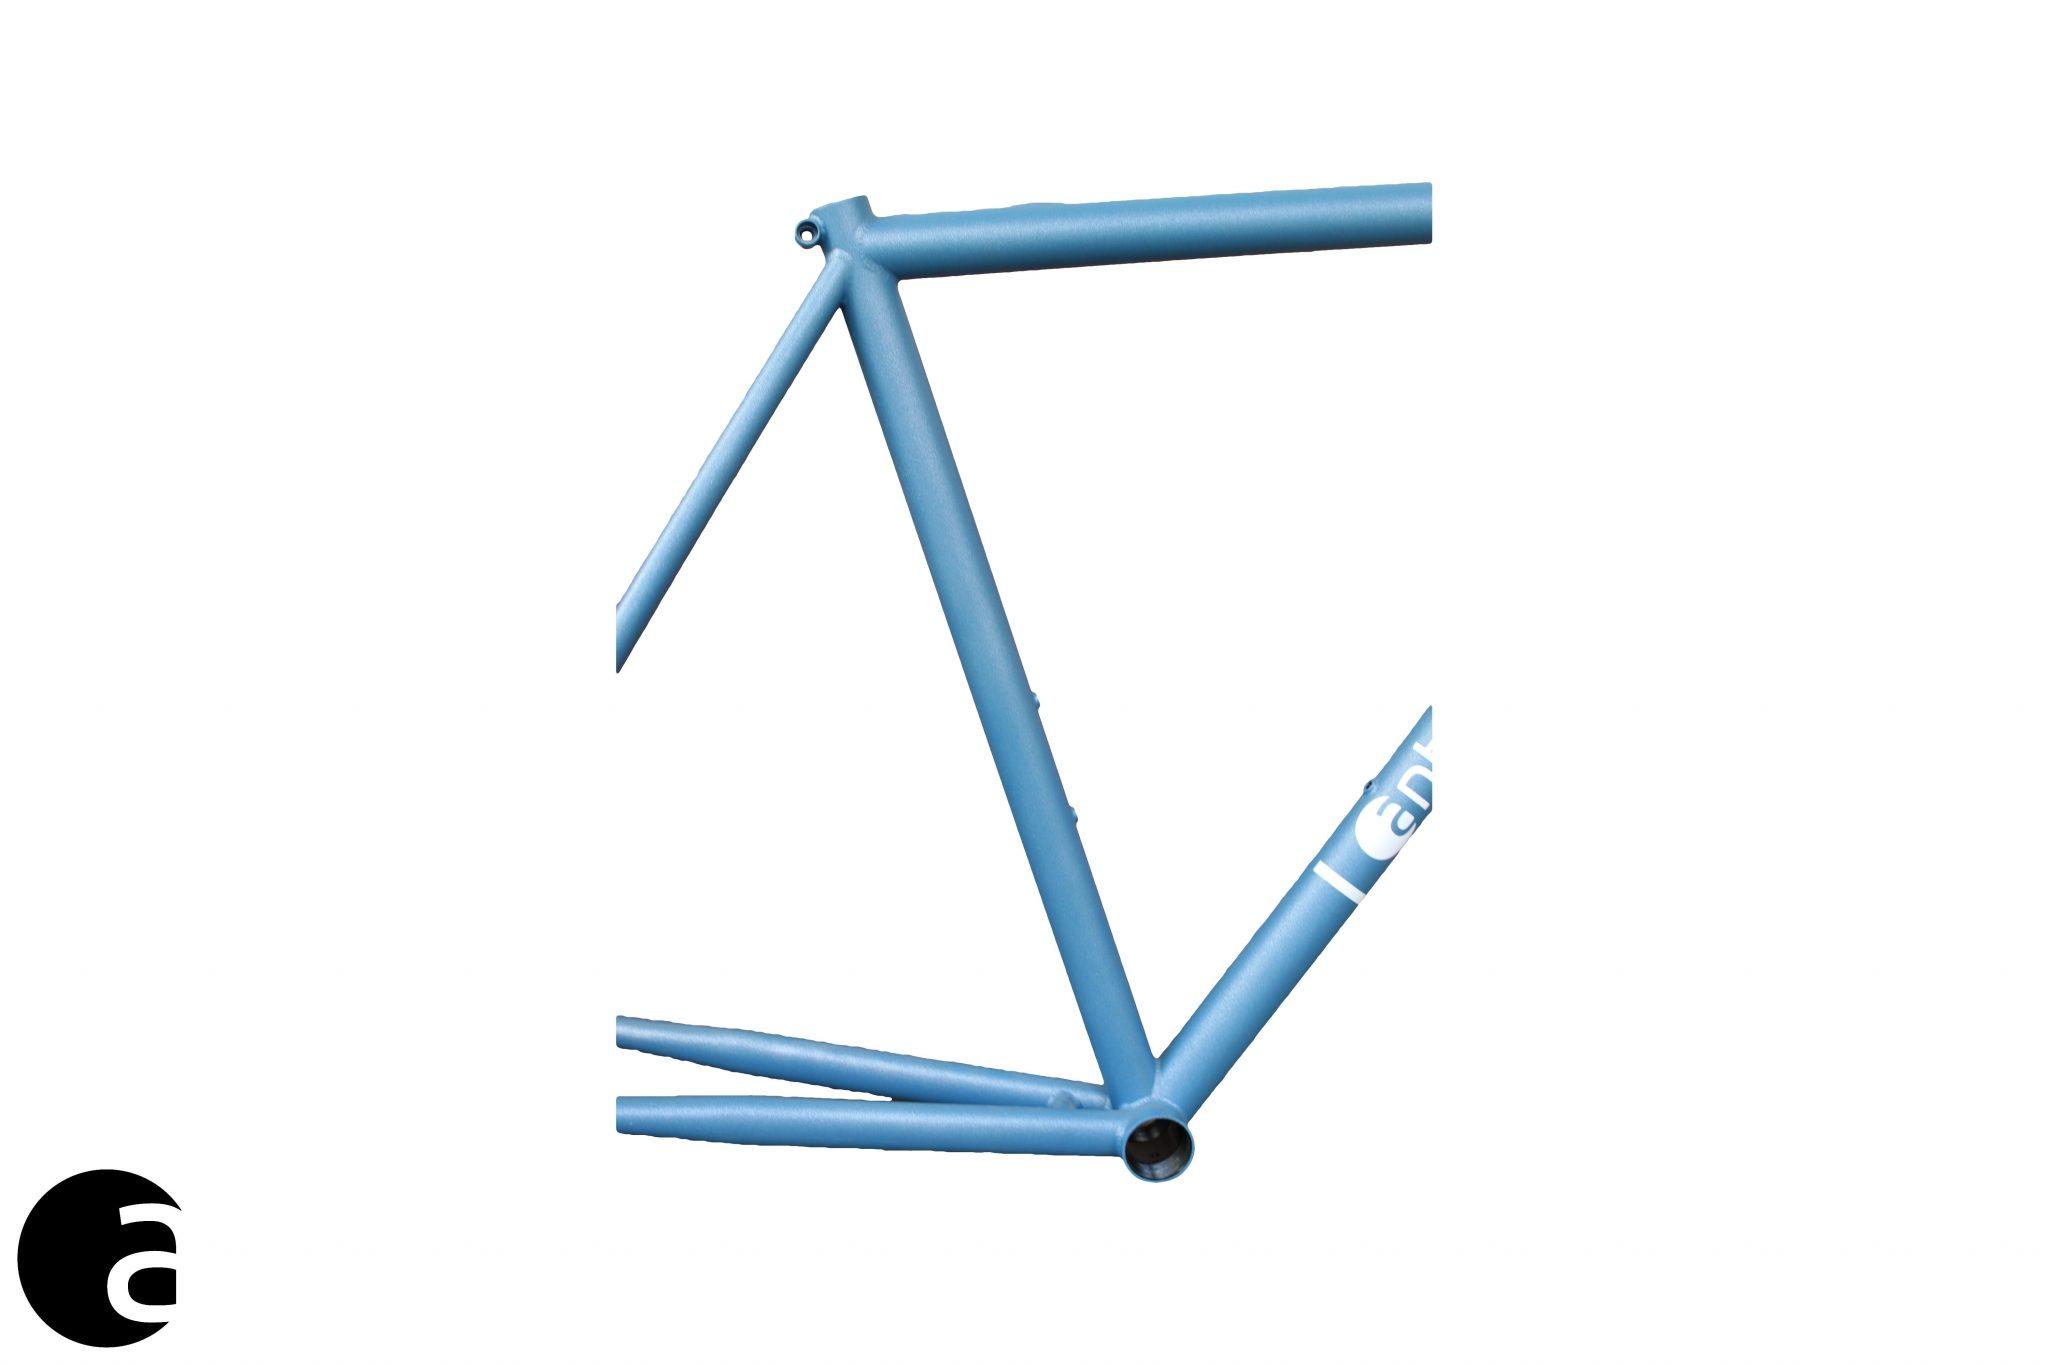 Rura w ramie rowerowej